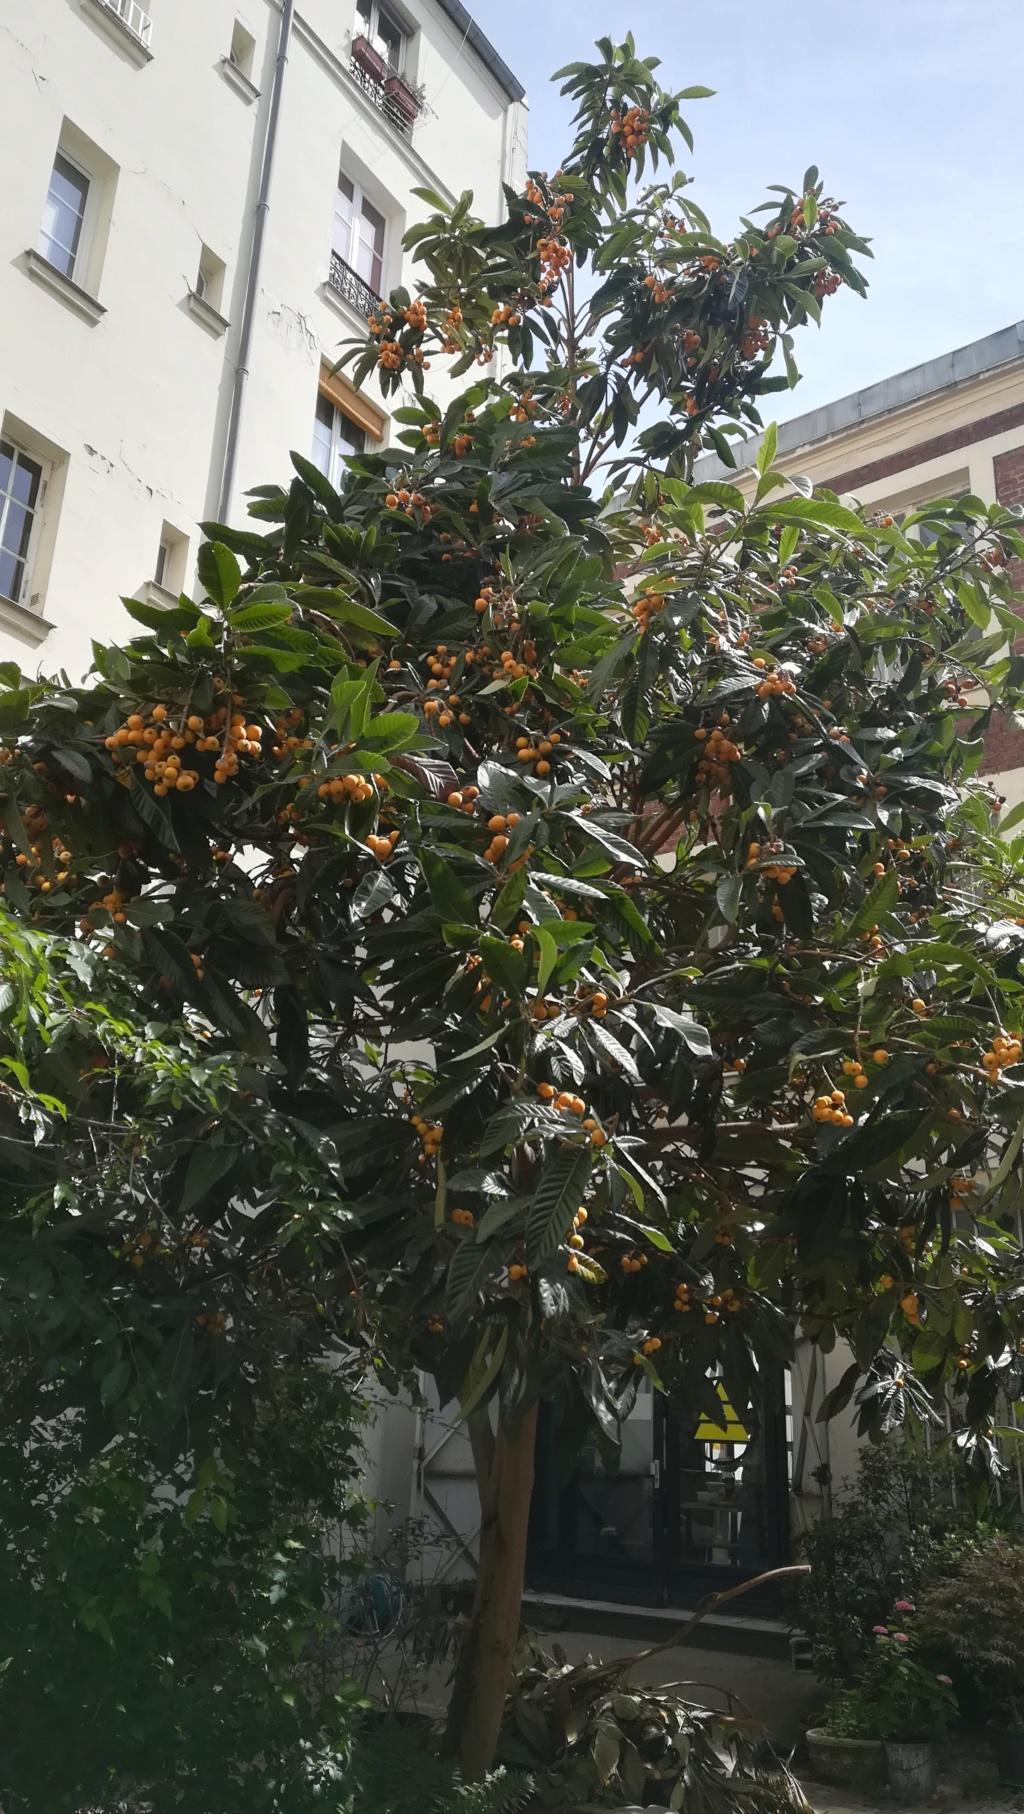 Arbre avec des fruits oranges Img_2036